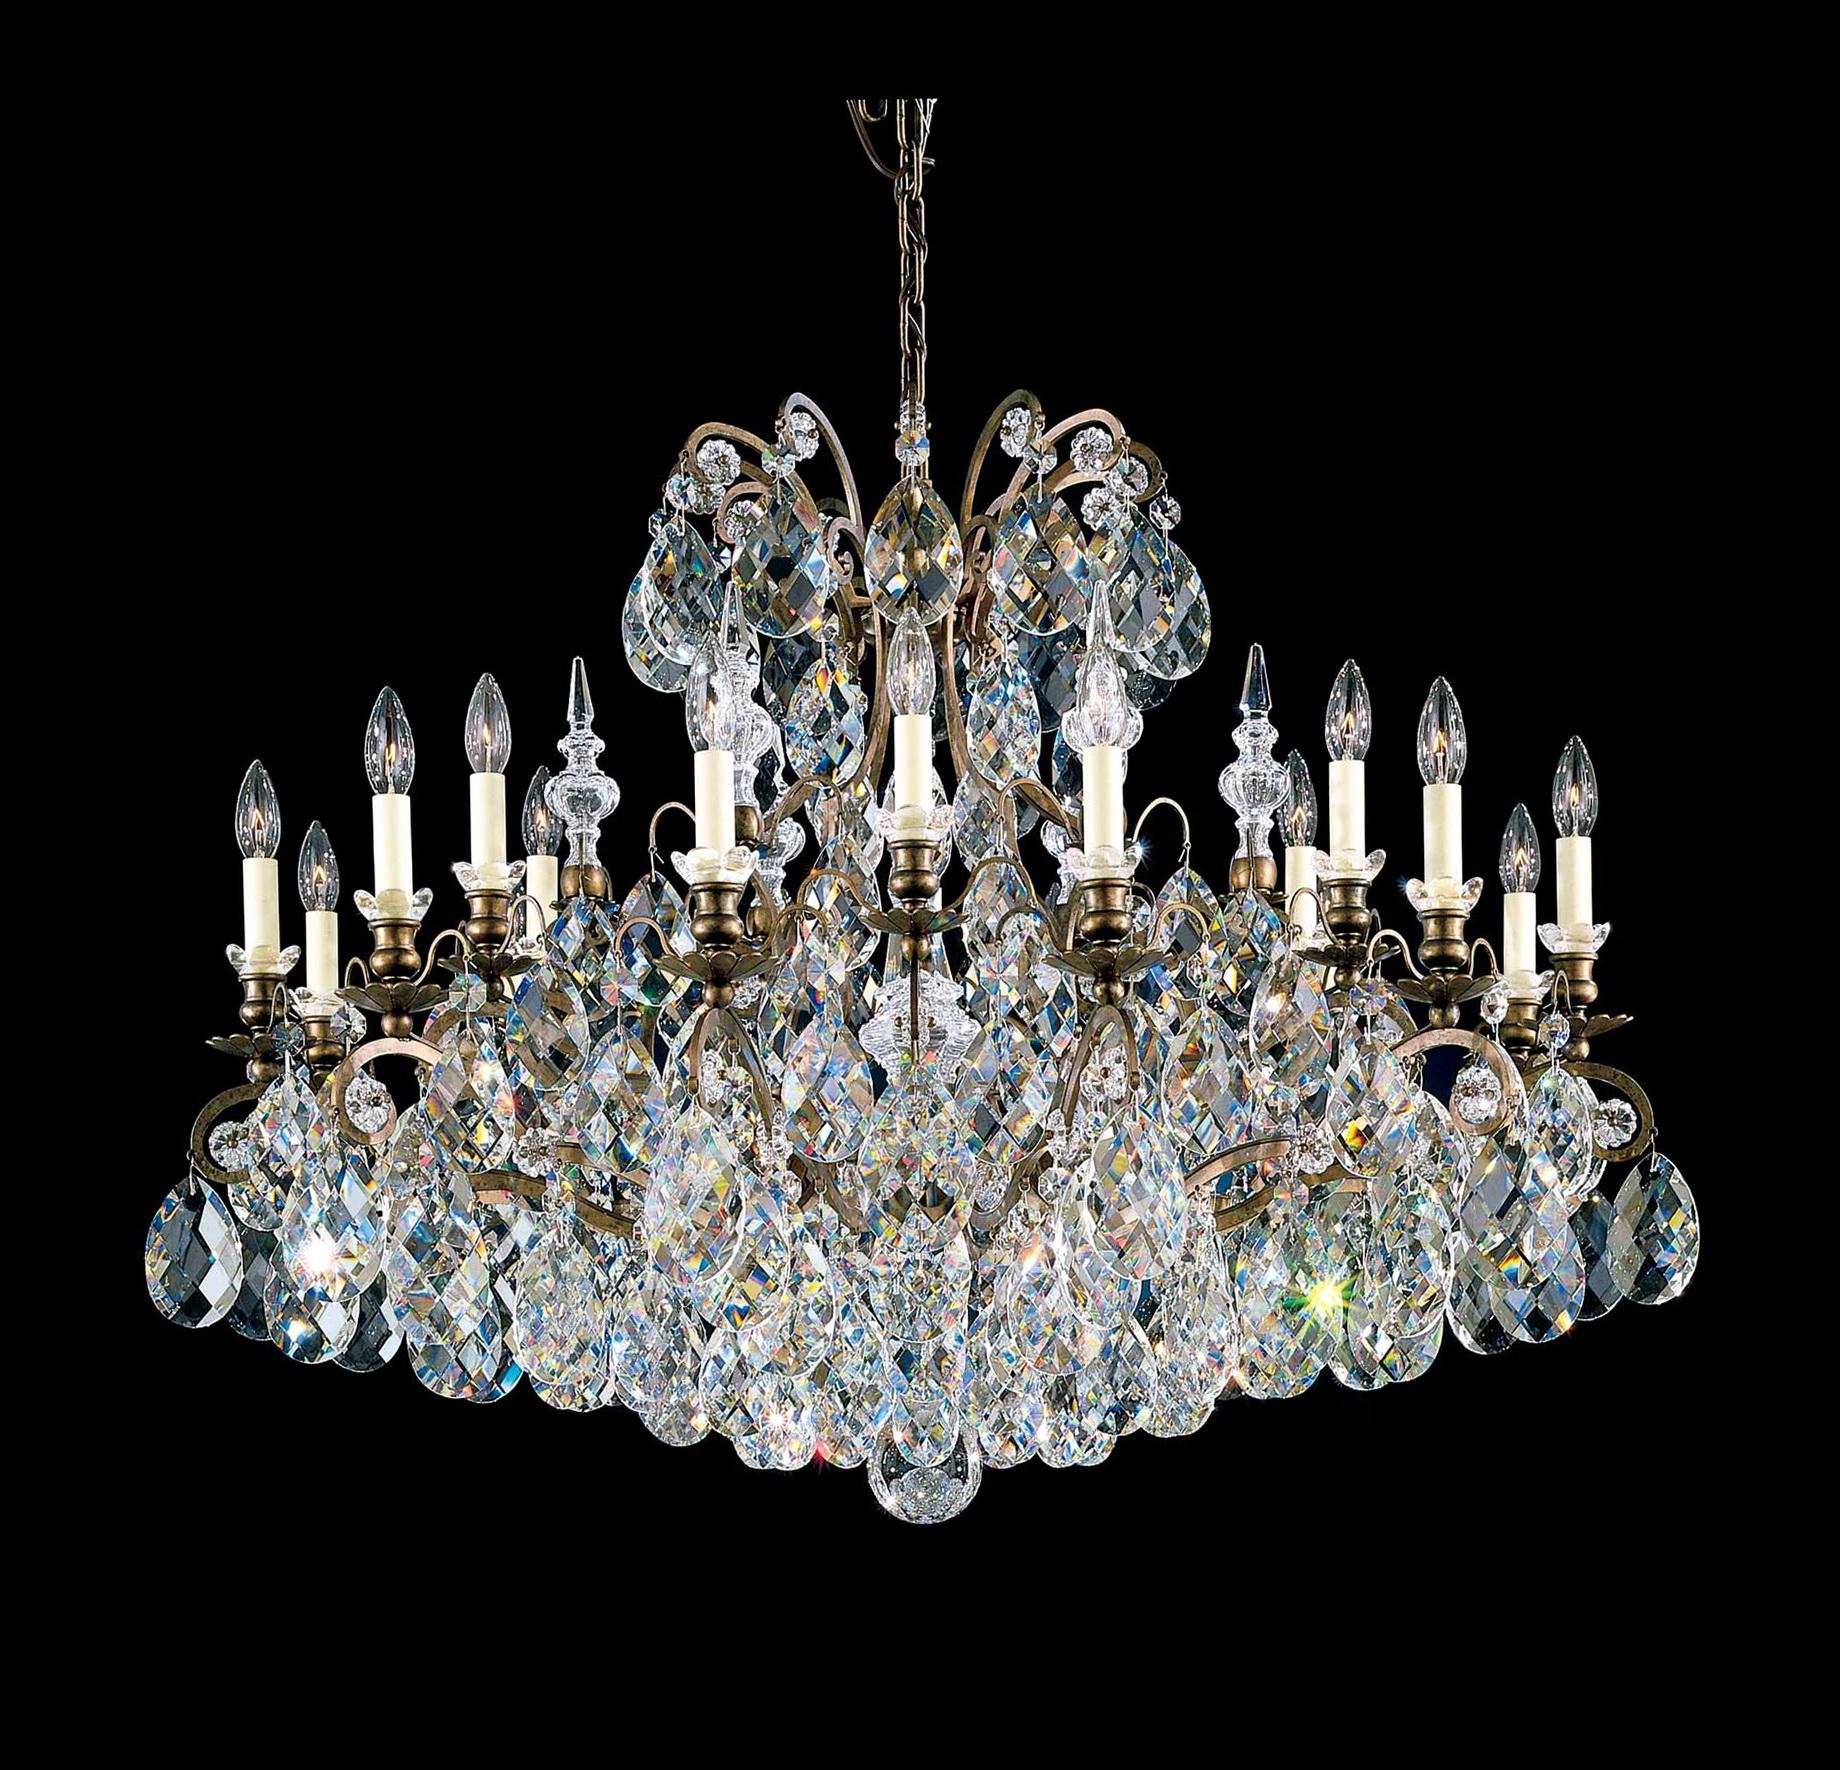 Schonbek Chandelier Replacement Crystals: Schonbek Crystal Chandelier Ebay